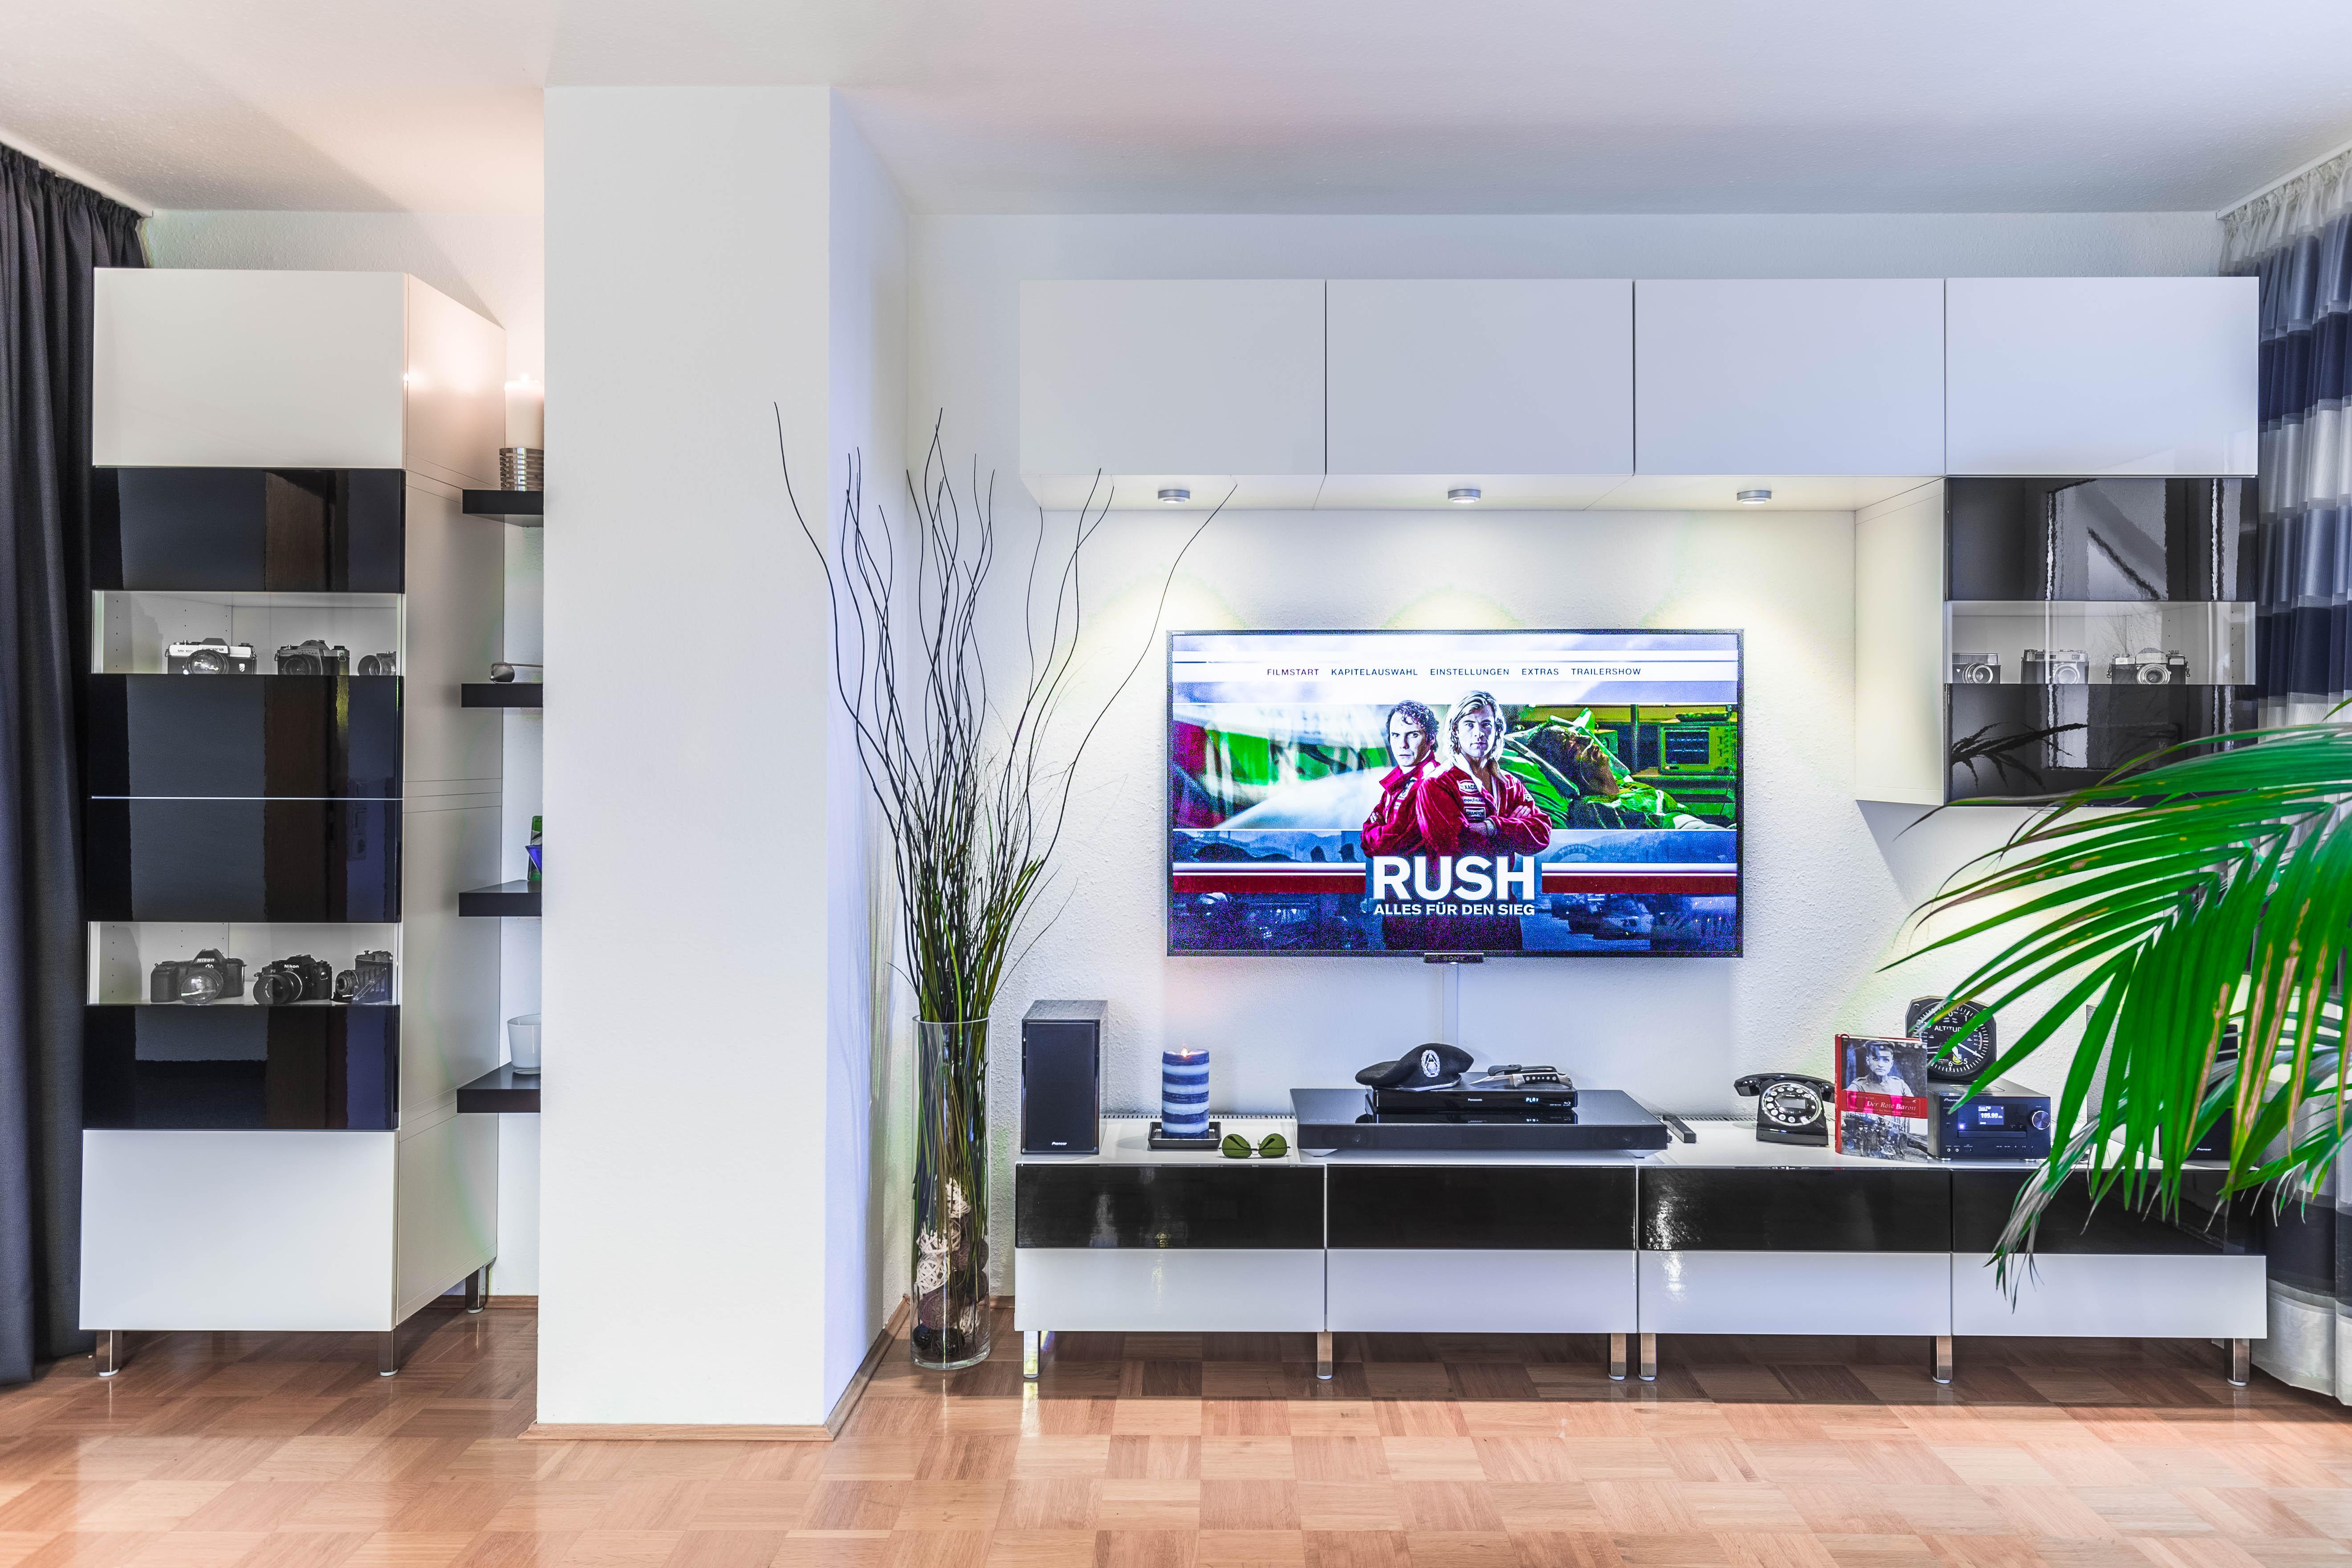 keifl gruppe wohnbau immobilien in ulm qualit t und innovation seit ber 45 jahren. Black Bedroom Furniture Sets. Home Design Ideas